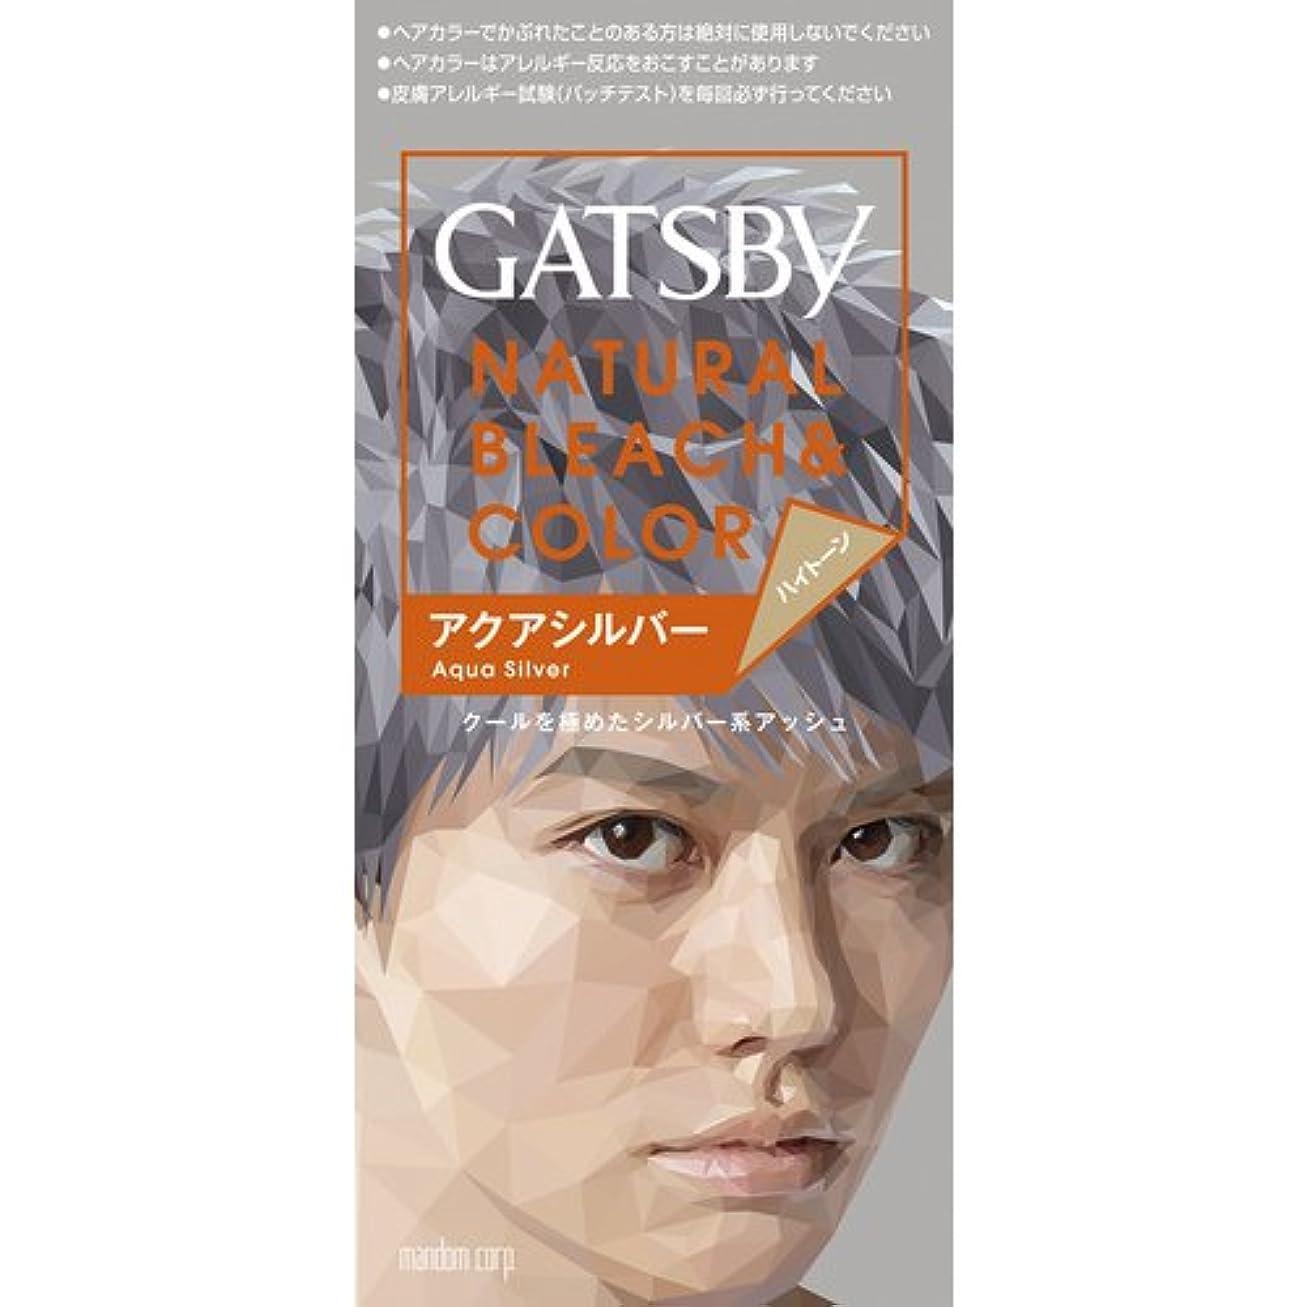 石化する遠足まあギャツビー(GATSBY) ナチュラルブリーチカラー アクアシルバー 35g+70ml [医薬部外品]